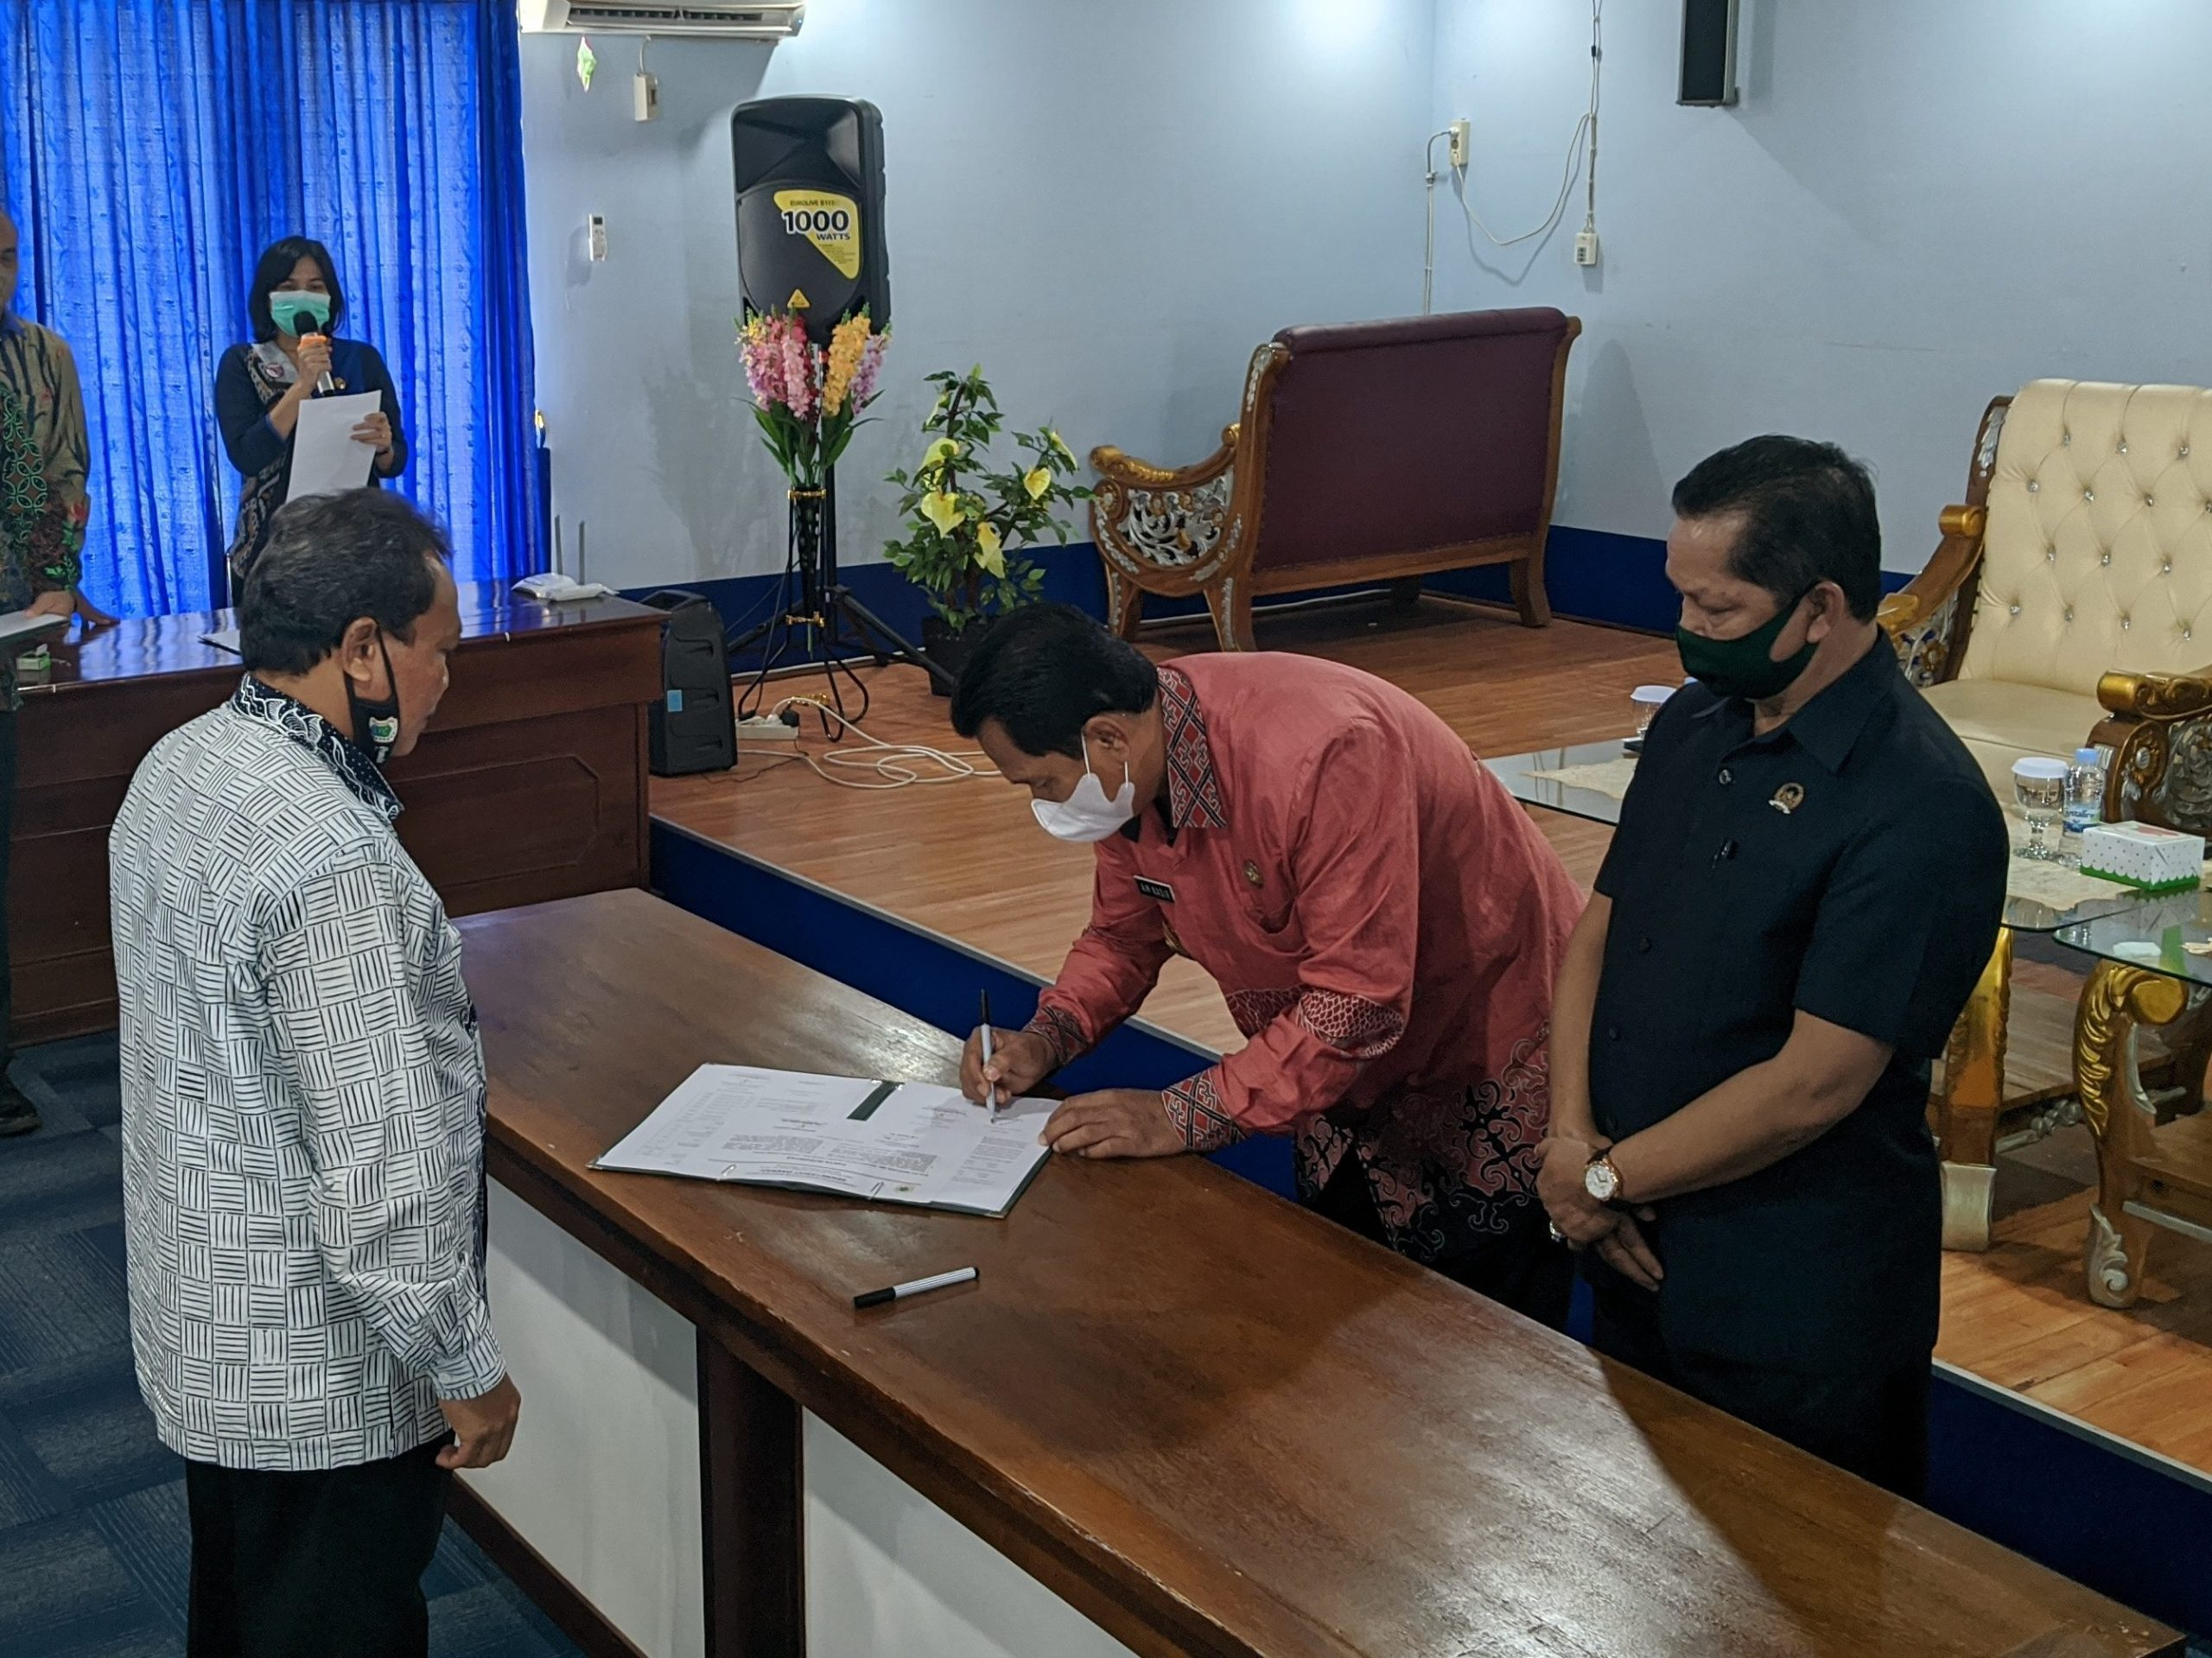 Penandatanganan perjanjian kinerja dan pakta integritas dilingkungan Pemerintah Daerah Kabupaten Kapuas Hulu Tahun 2021 oleh Bupati kabupaten Kapuas Hulu, bapak A.M Nasir, S.H.